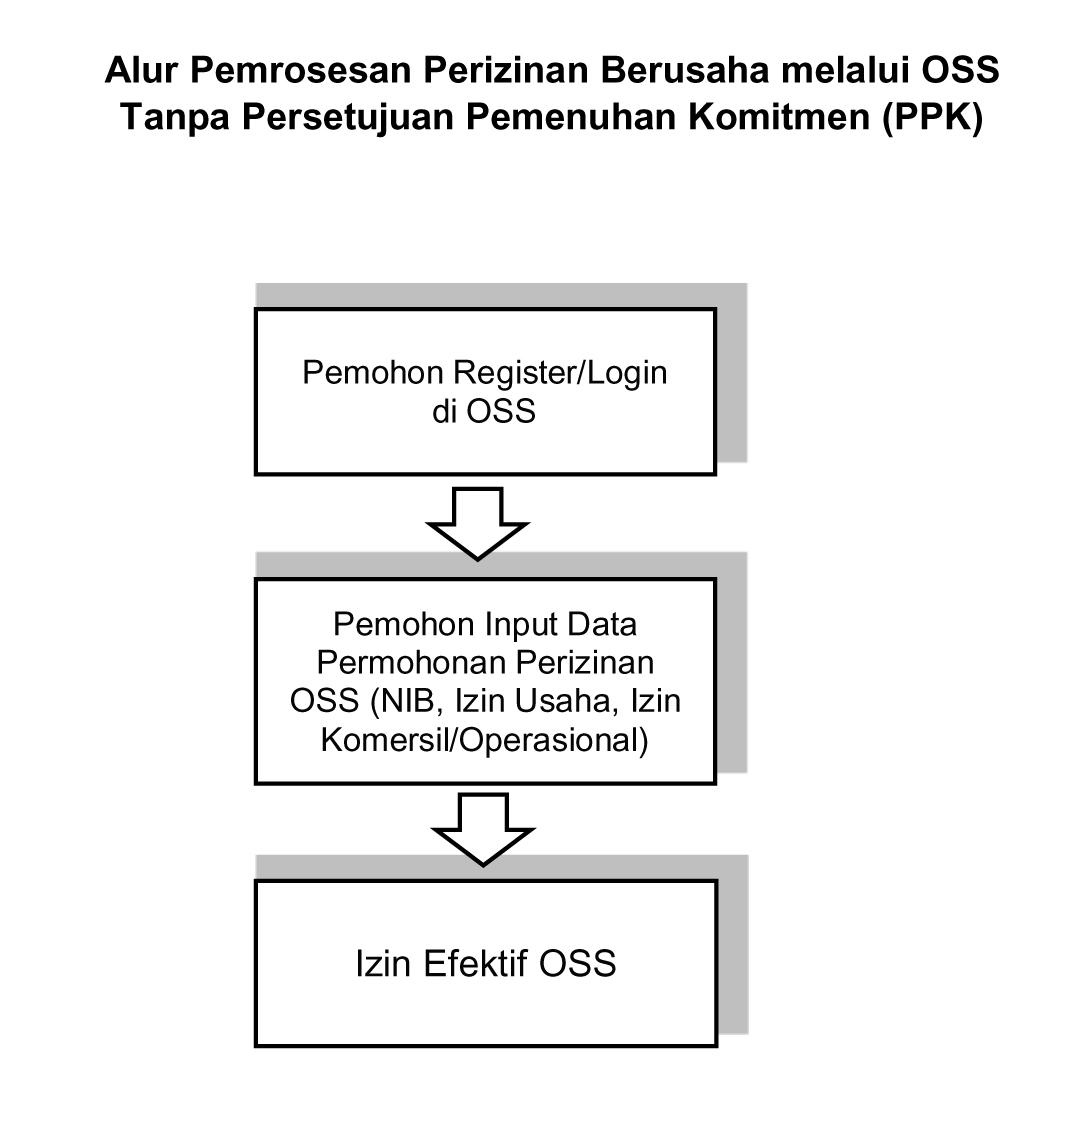 OSS Tanpa PPK.jpg